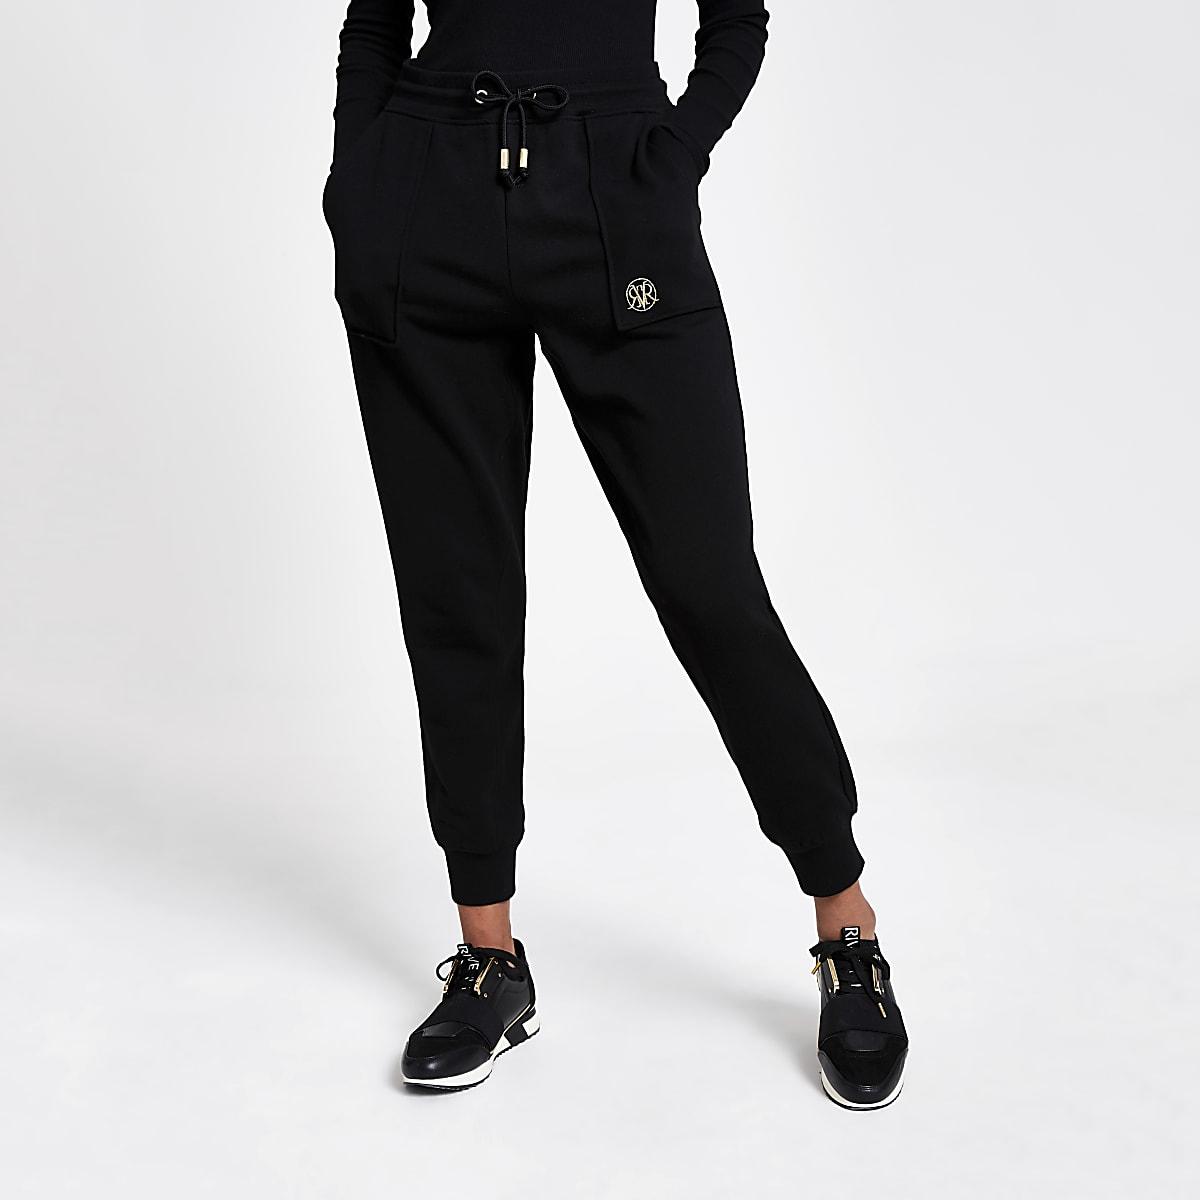 Zwarte joggingbroek met RVR borduursel